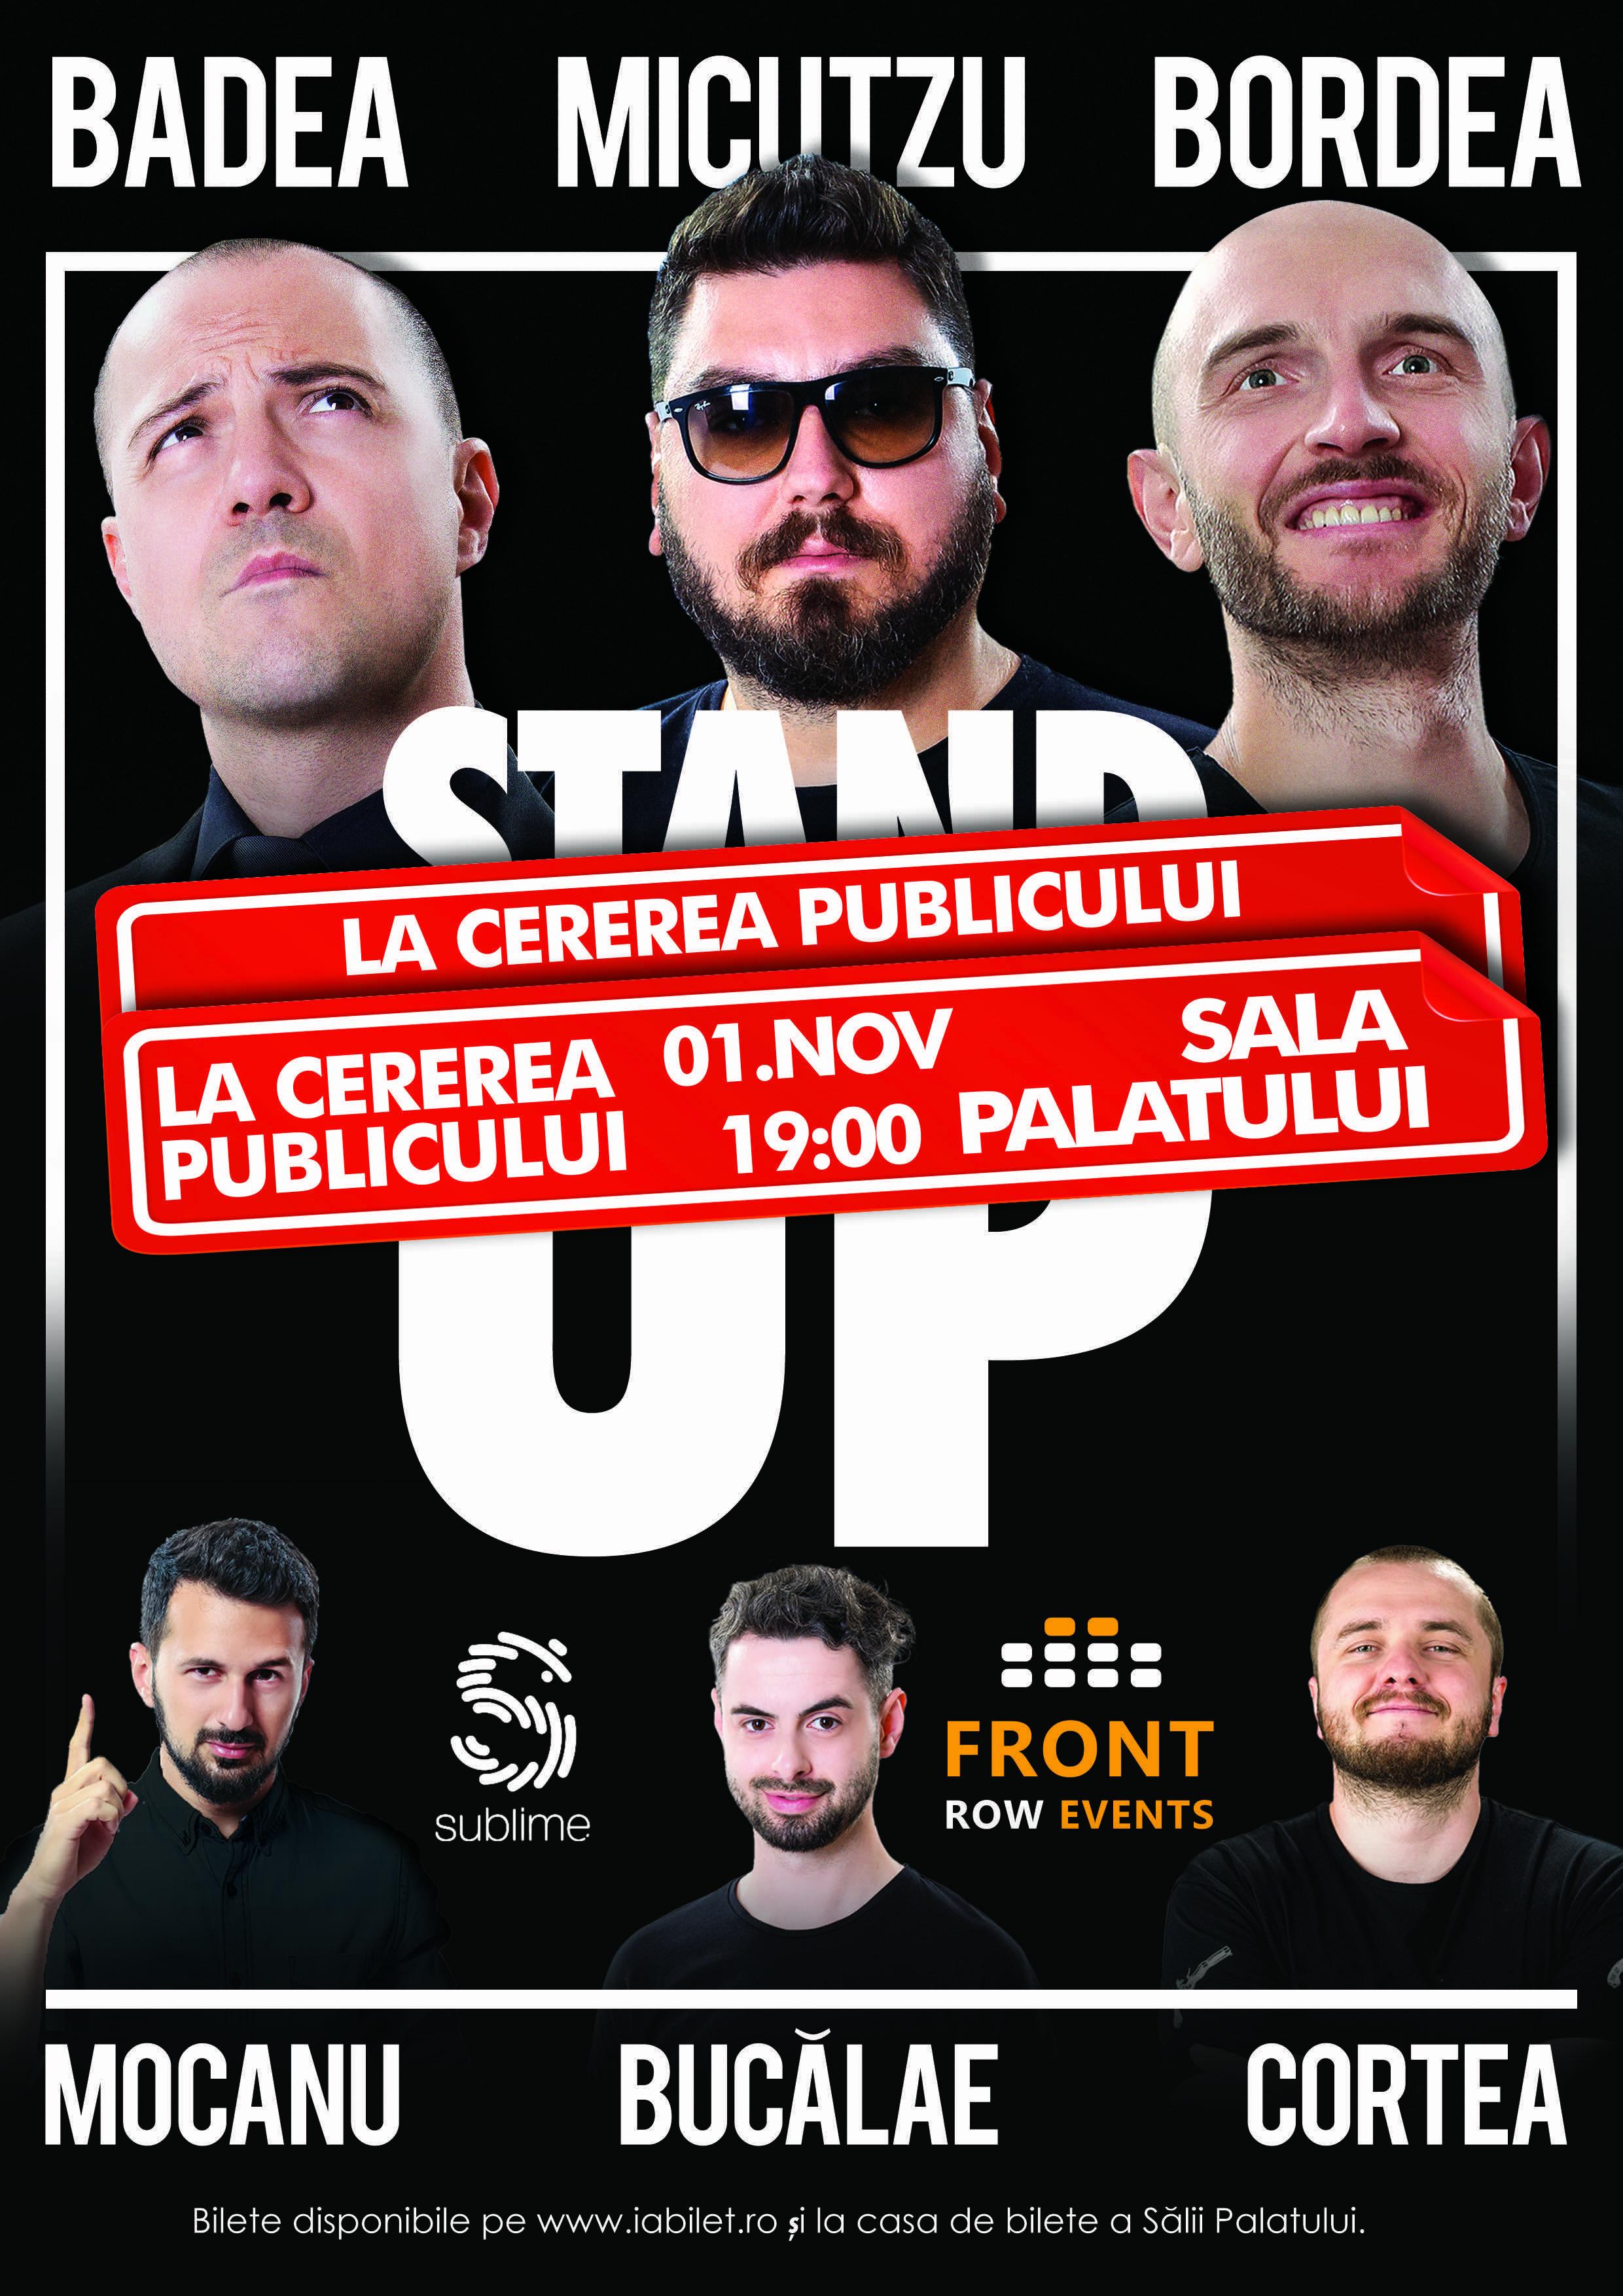 """{focus_keyword} Premieră în industria de stand-up comedy!  La cererea publicului, Badea, Bordea şi Micutzu fac încă un spectacol  """"La cererea publicului"""" poster 1 nov La cererea publicului"""